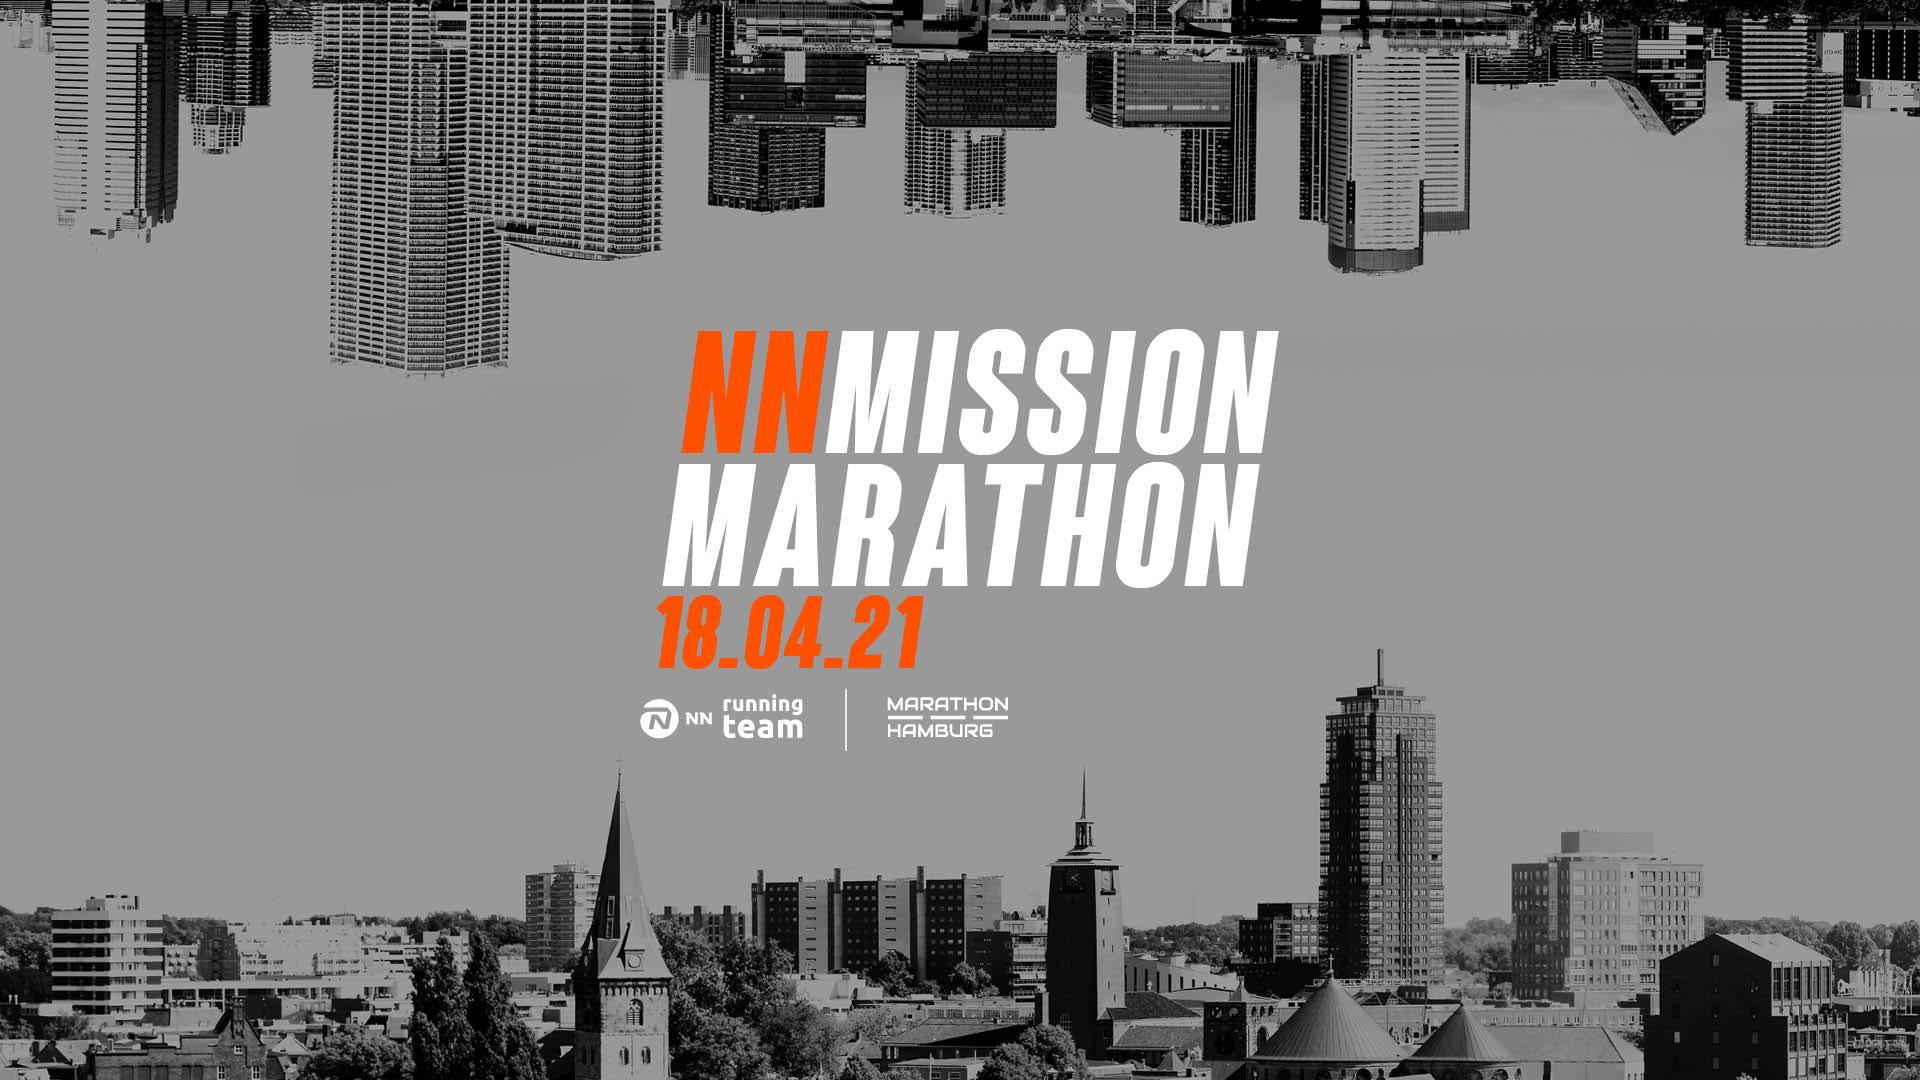 Les athlètes sont désormais fixés : Le Marathon de la Mission NN aura lieu le 18 avril à Enschede (Pays-Bas) sur l'aéroport de Twente.